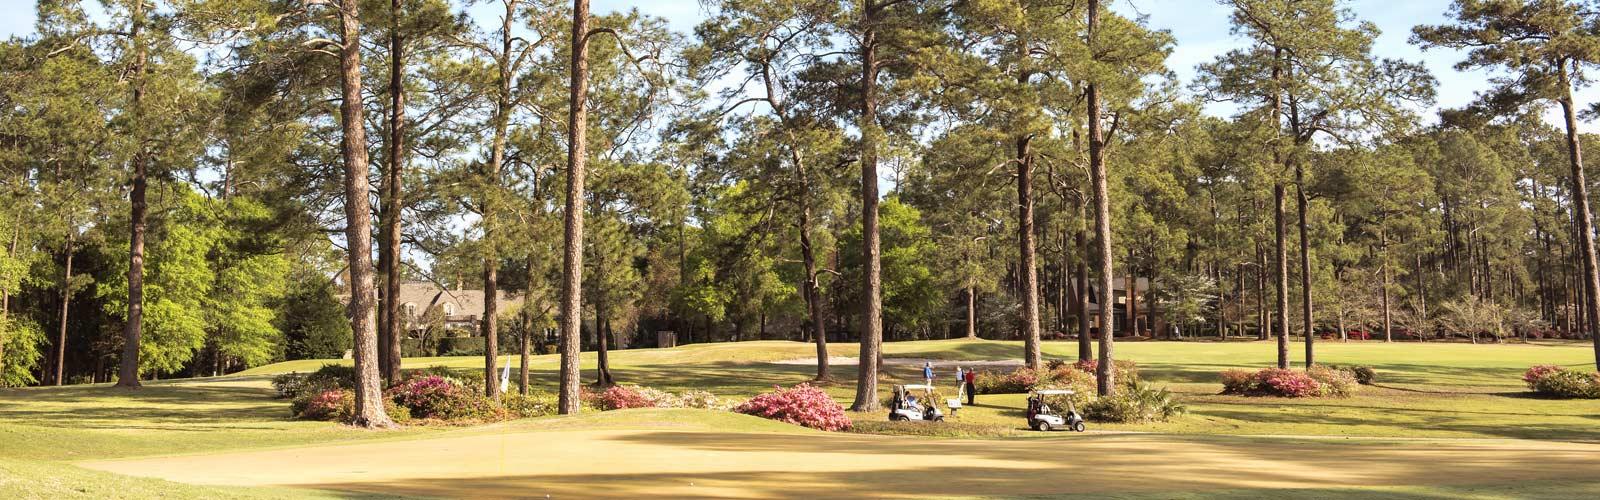 South Georgia Golf